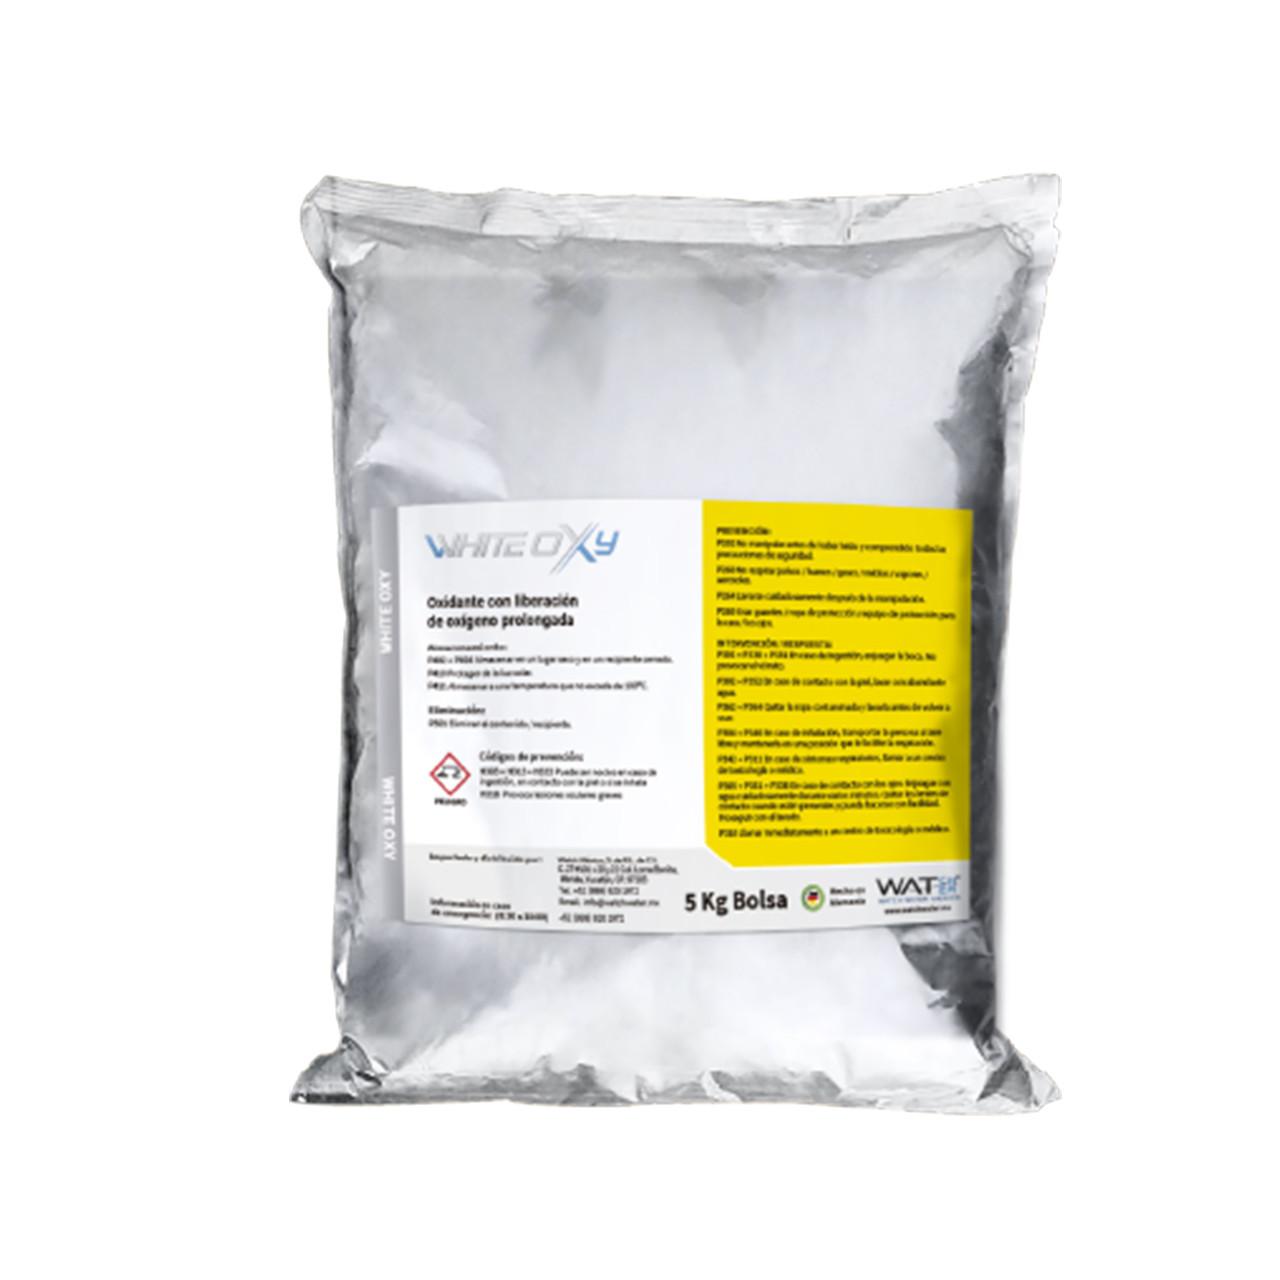 White Oxy Oxidante catalizado para materia orgánica, hidrocarburos y aguas residuales Watch Water